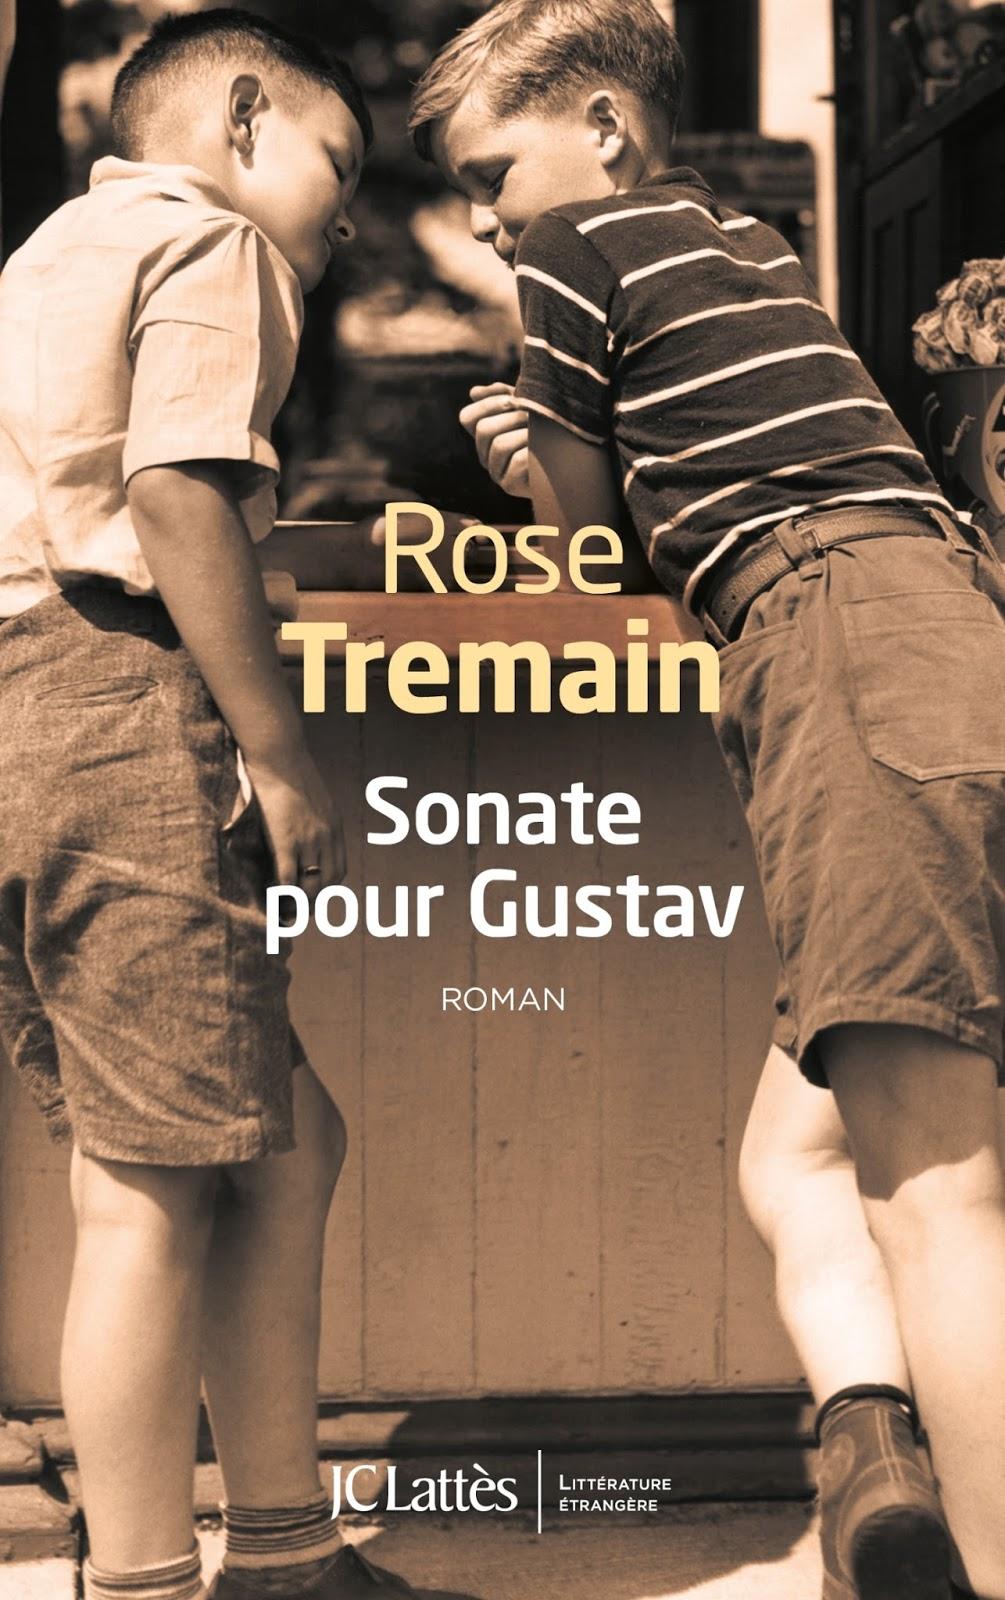 Sonate pour Gustav, de Rose Tremain